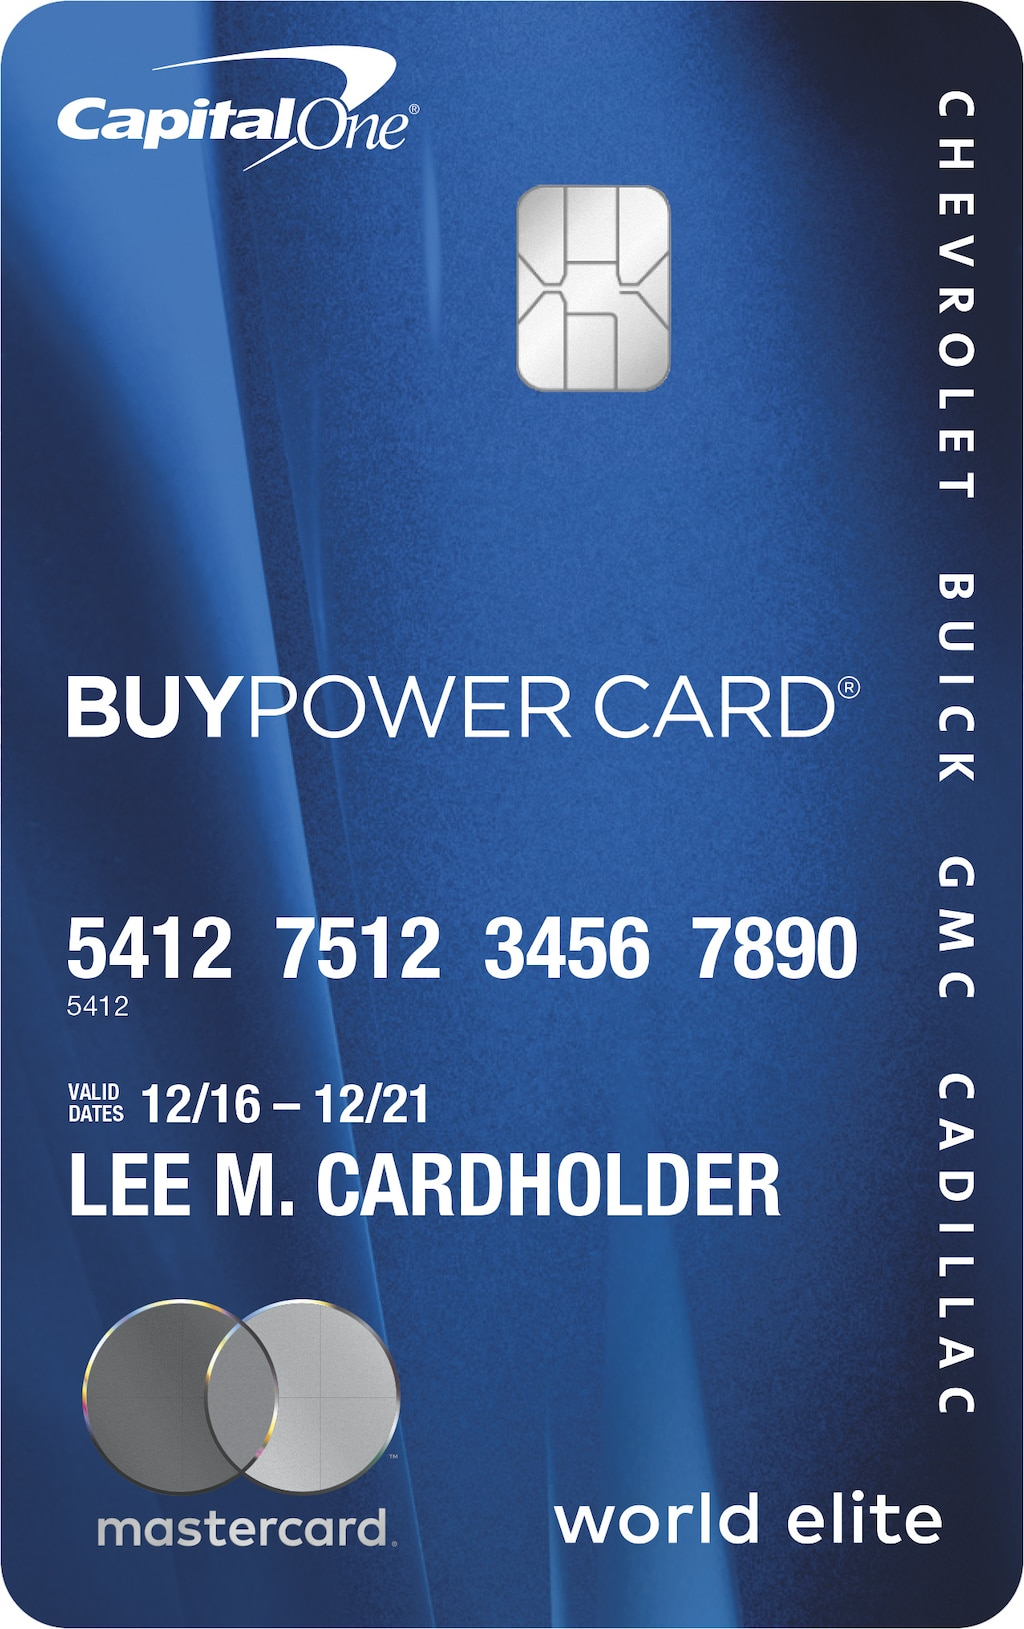 Solicita una BuyPower Card y gana puntos en todas las compras para usarlos en un vehículo Chevrolet, GMC, Buick o Cadillac nuevo.